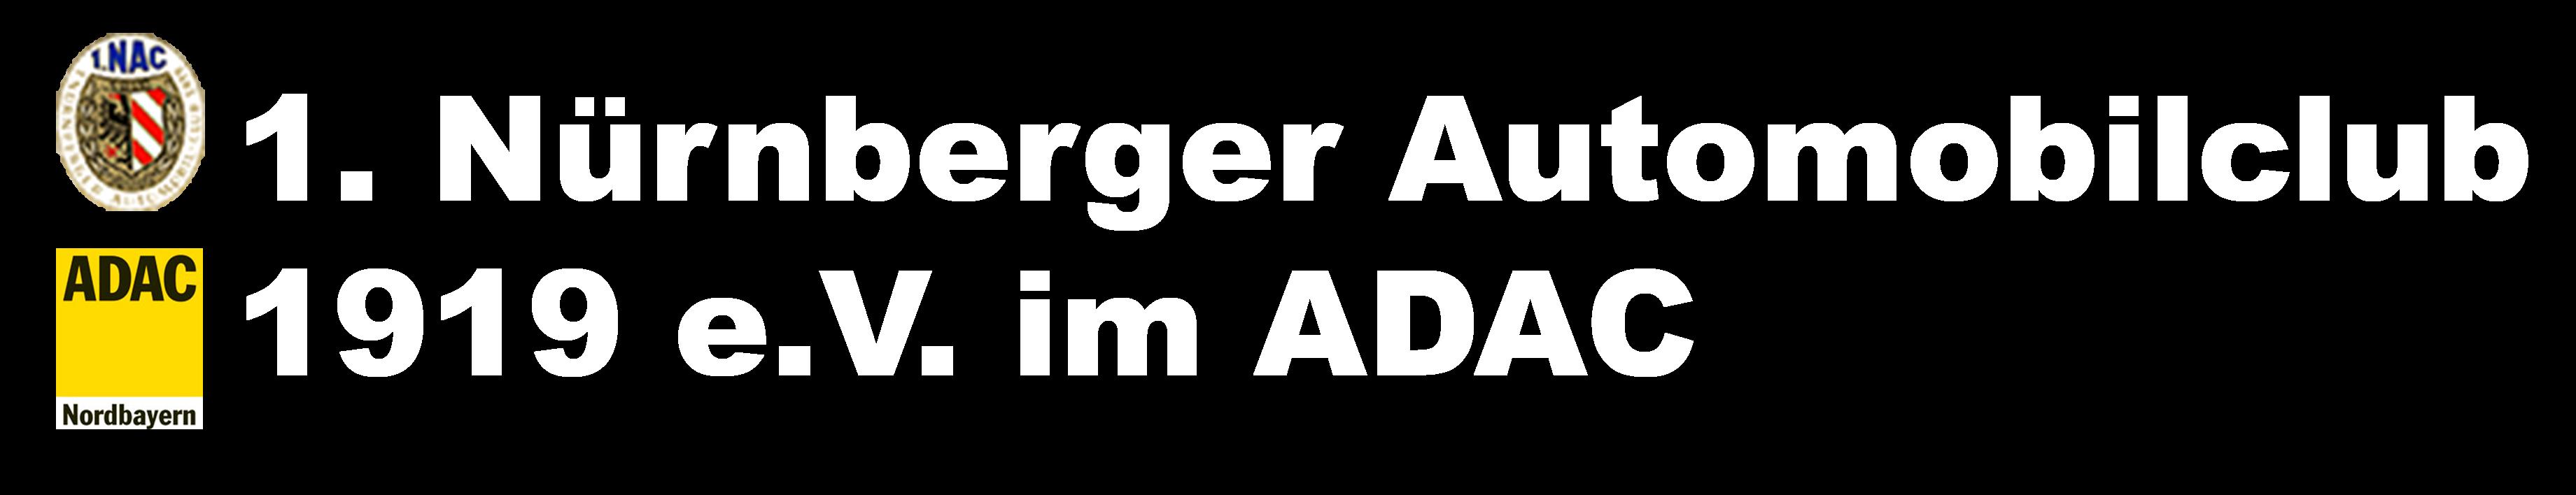 Erster Nürnberger Automobilclub im ADAC e.V.